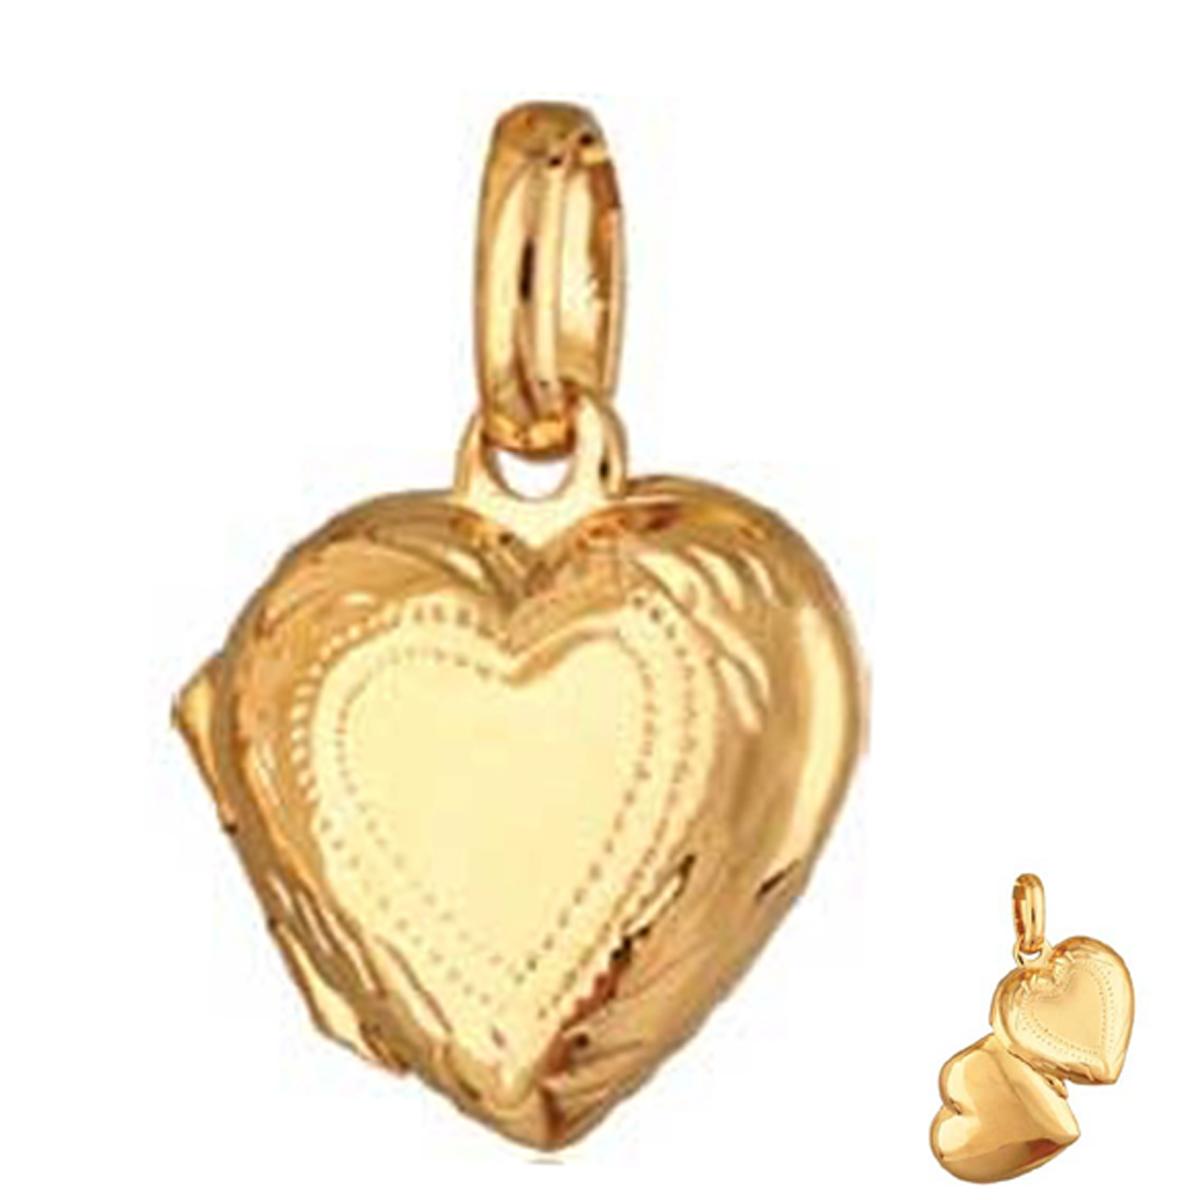 Pendentif Cassolette plaqué or \'Love Secrets\' doré - 18x13 mm - [M6924]